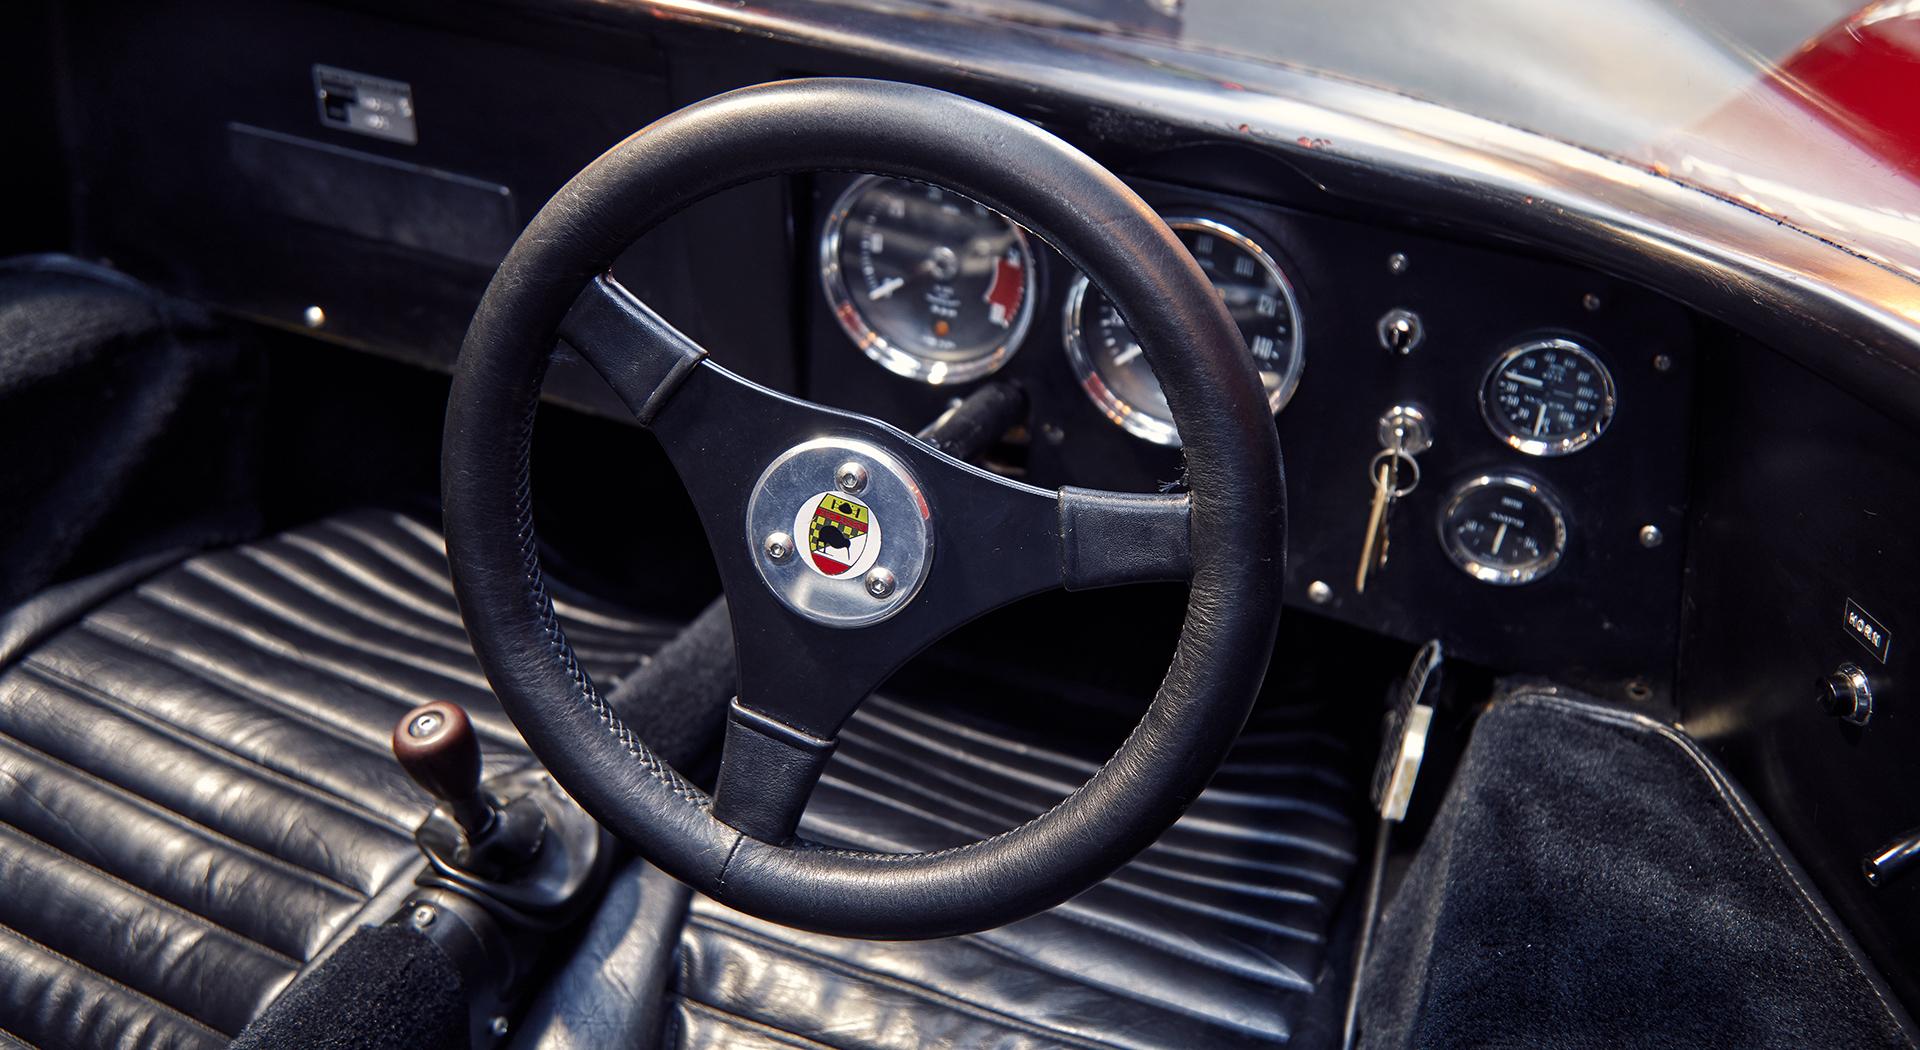 McLaren M6GT - 1968 - interior - 2020 - photo via McLaren Chicago